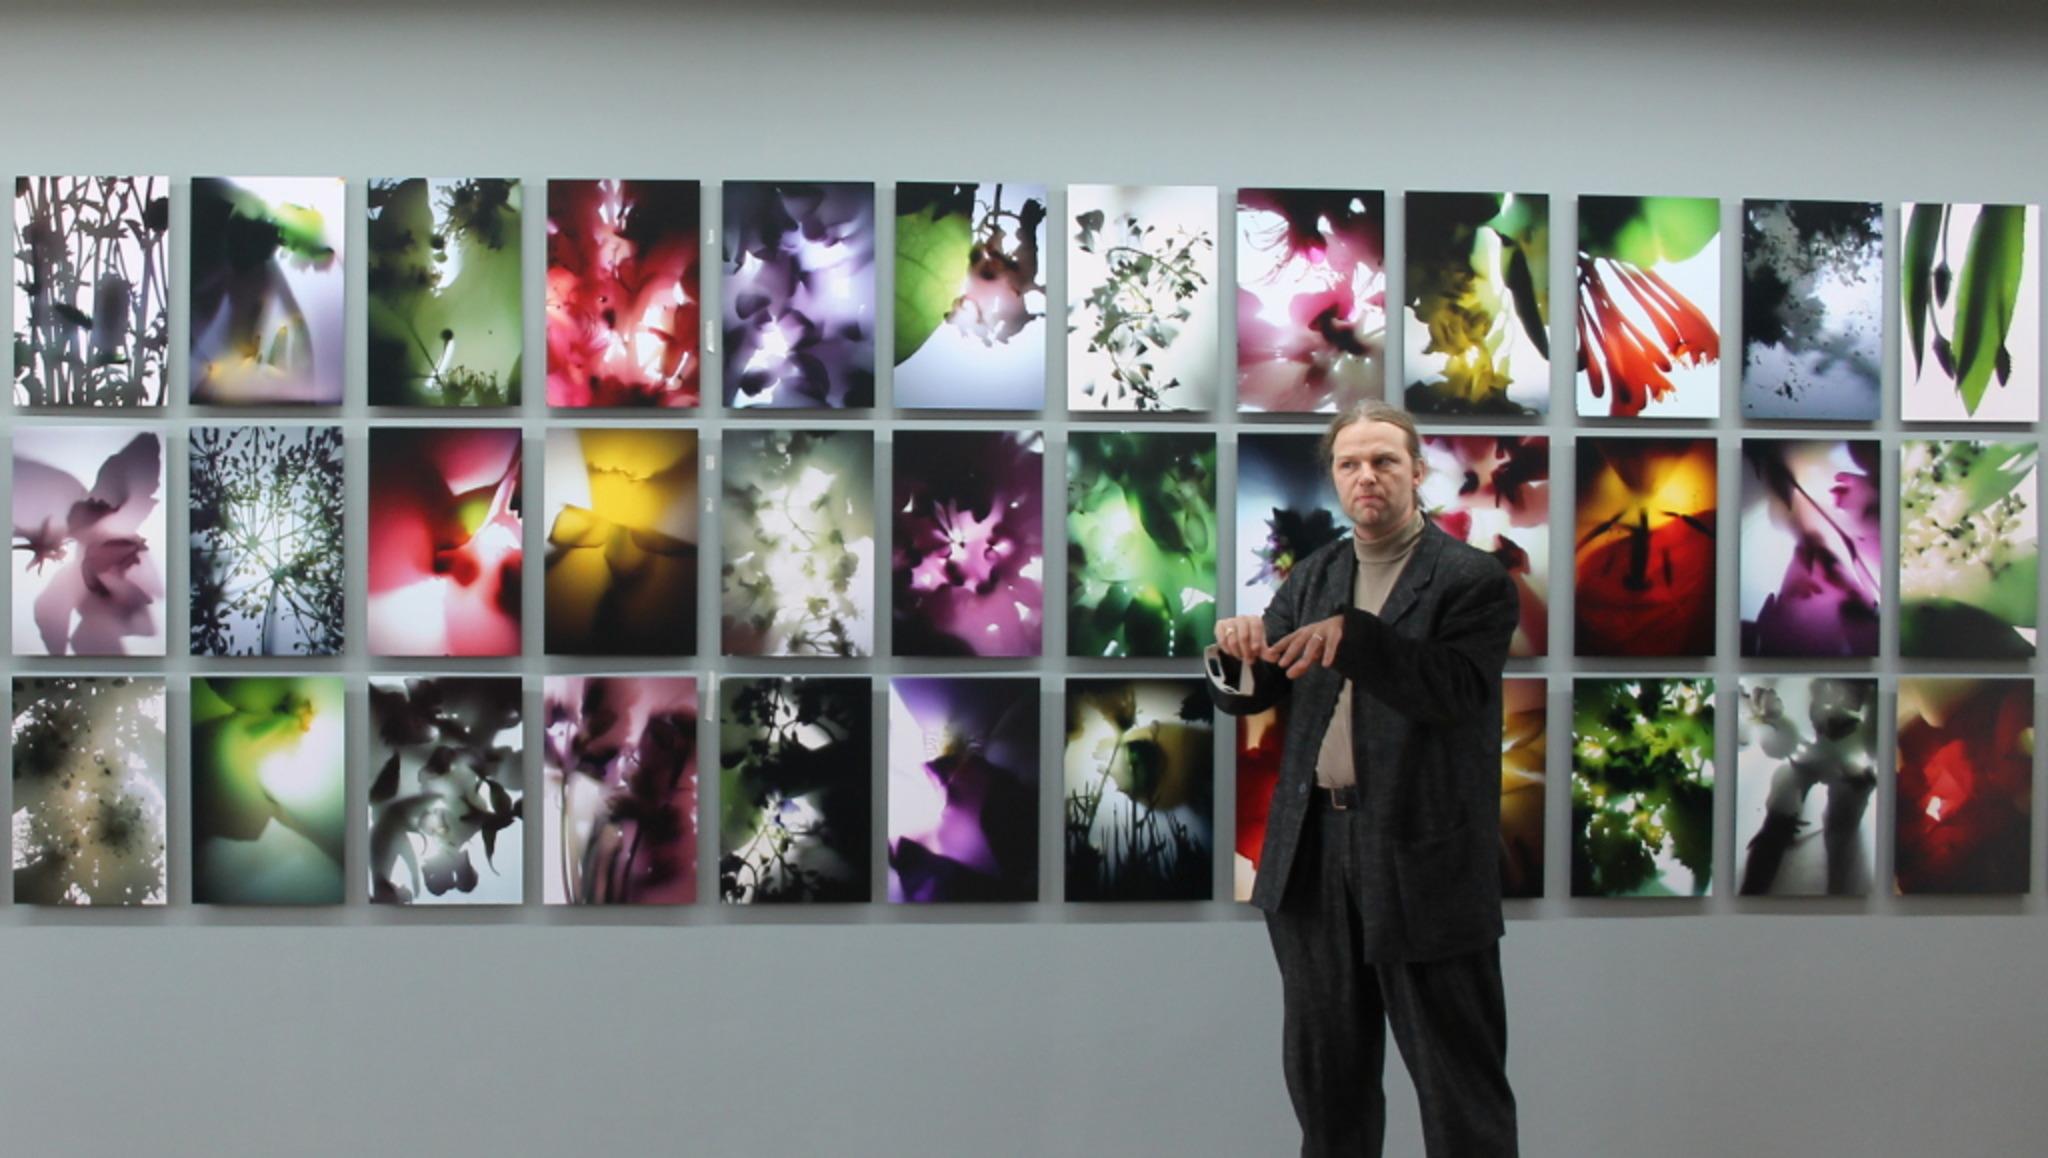 """Vergrößerte Detailaufnahmen von Bildern einheimischer Pflanzen, belichtet in vollkommener Dunkelheit – Tim Otto Roth vor der Reihe """"Flora domestica"""" in der Städtischen Galerie."""